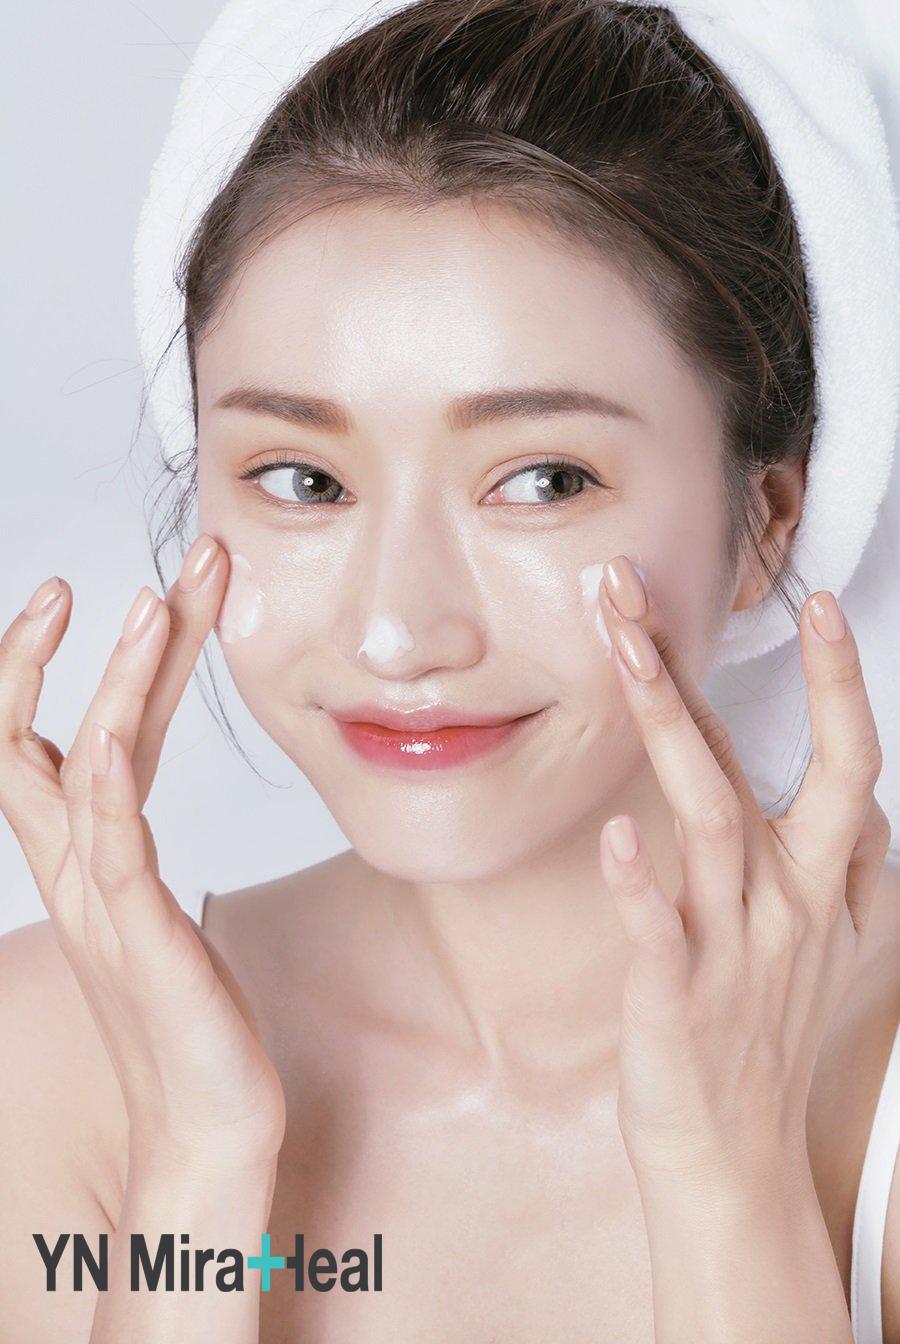 Kem dưỡng ẩm cho da hỗn hợp cần có khả năng kiềm dầu và dưỡng ẩm